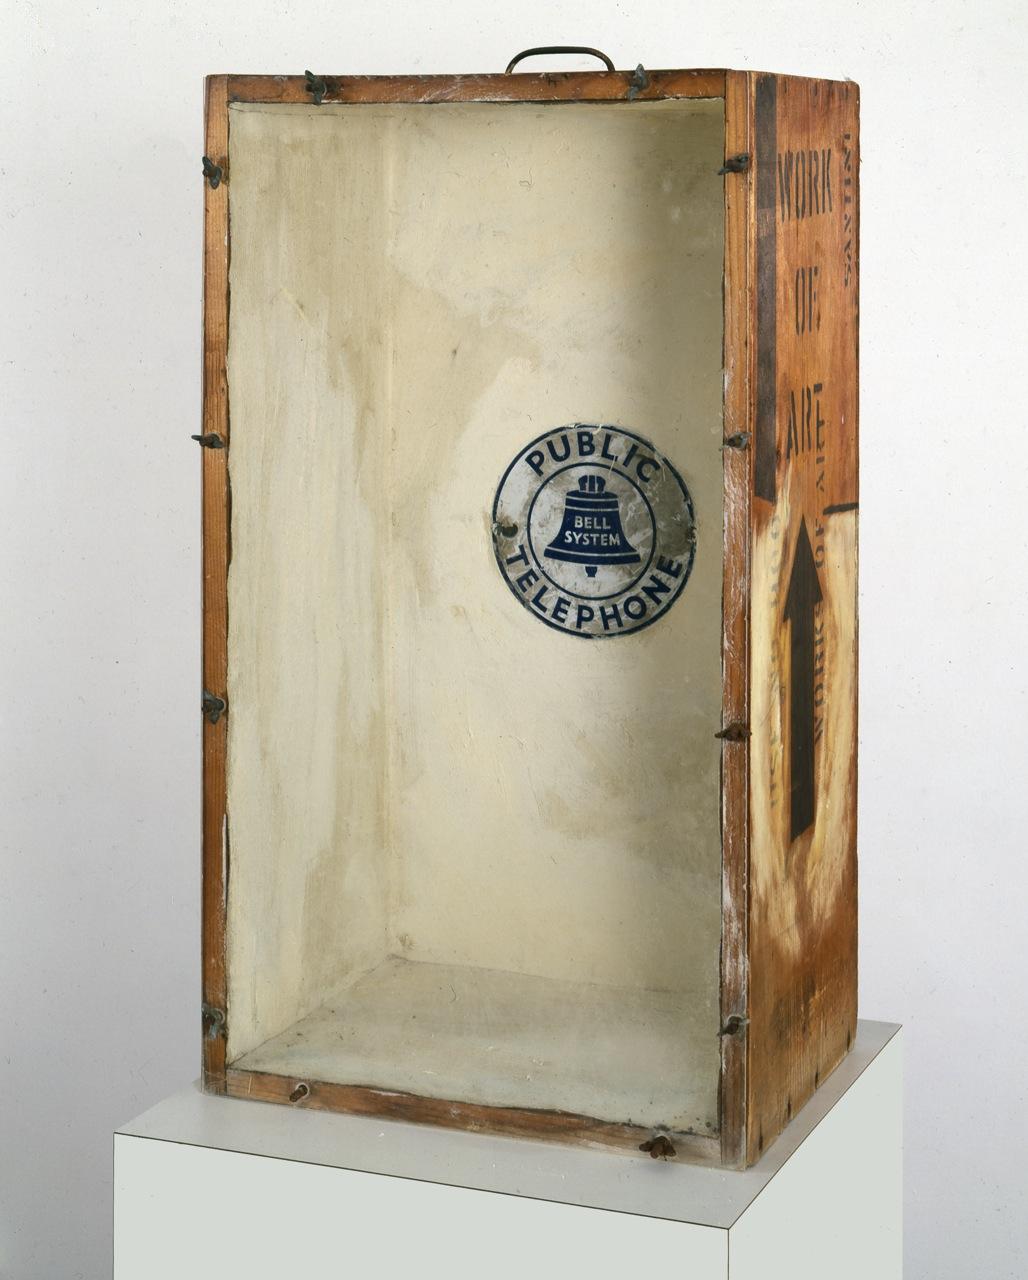 Art Box  by Robert Rauschenberg